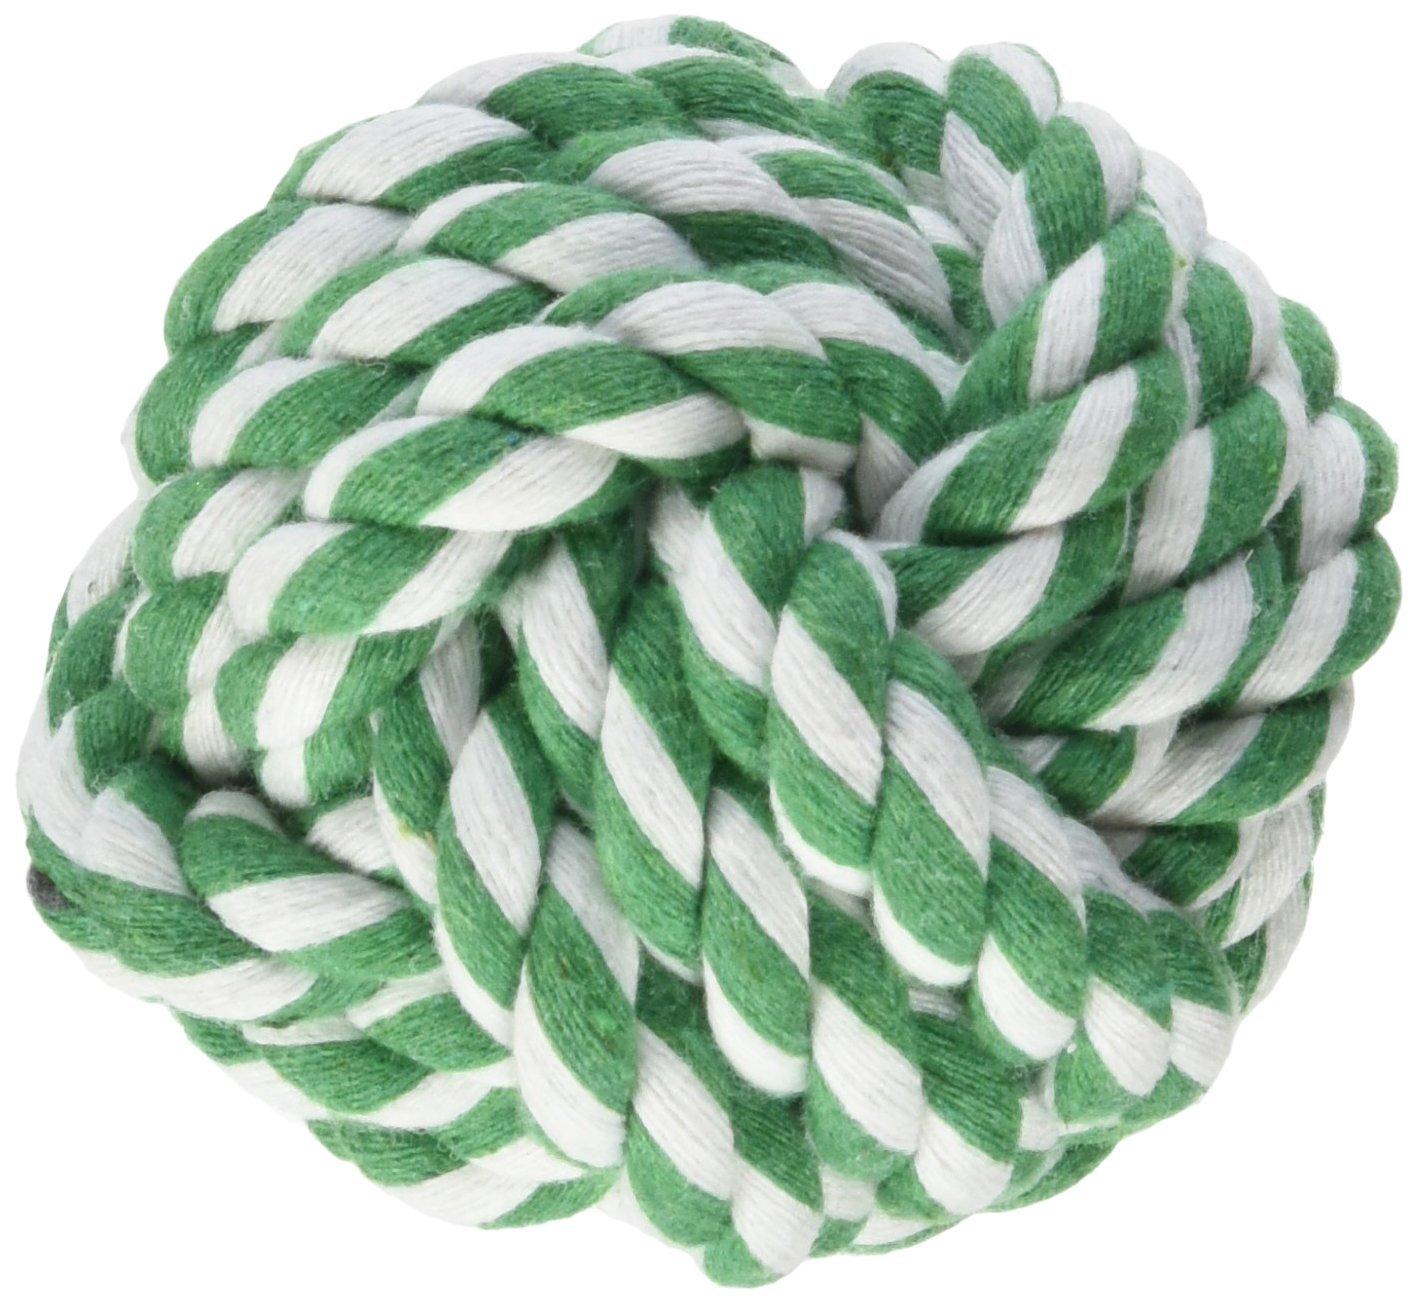 CROCI žaislas virveliniai kamuoliukai 7,5cm